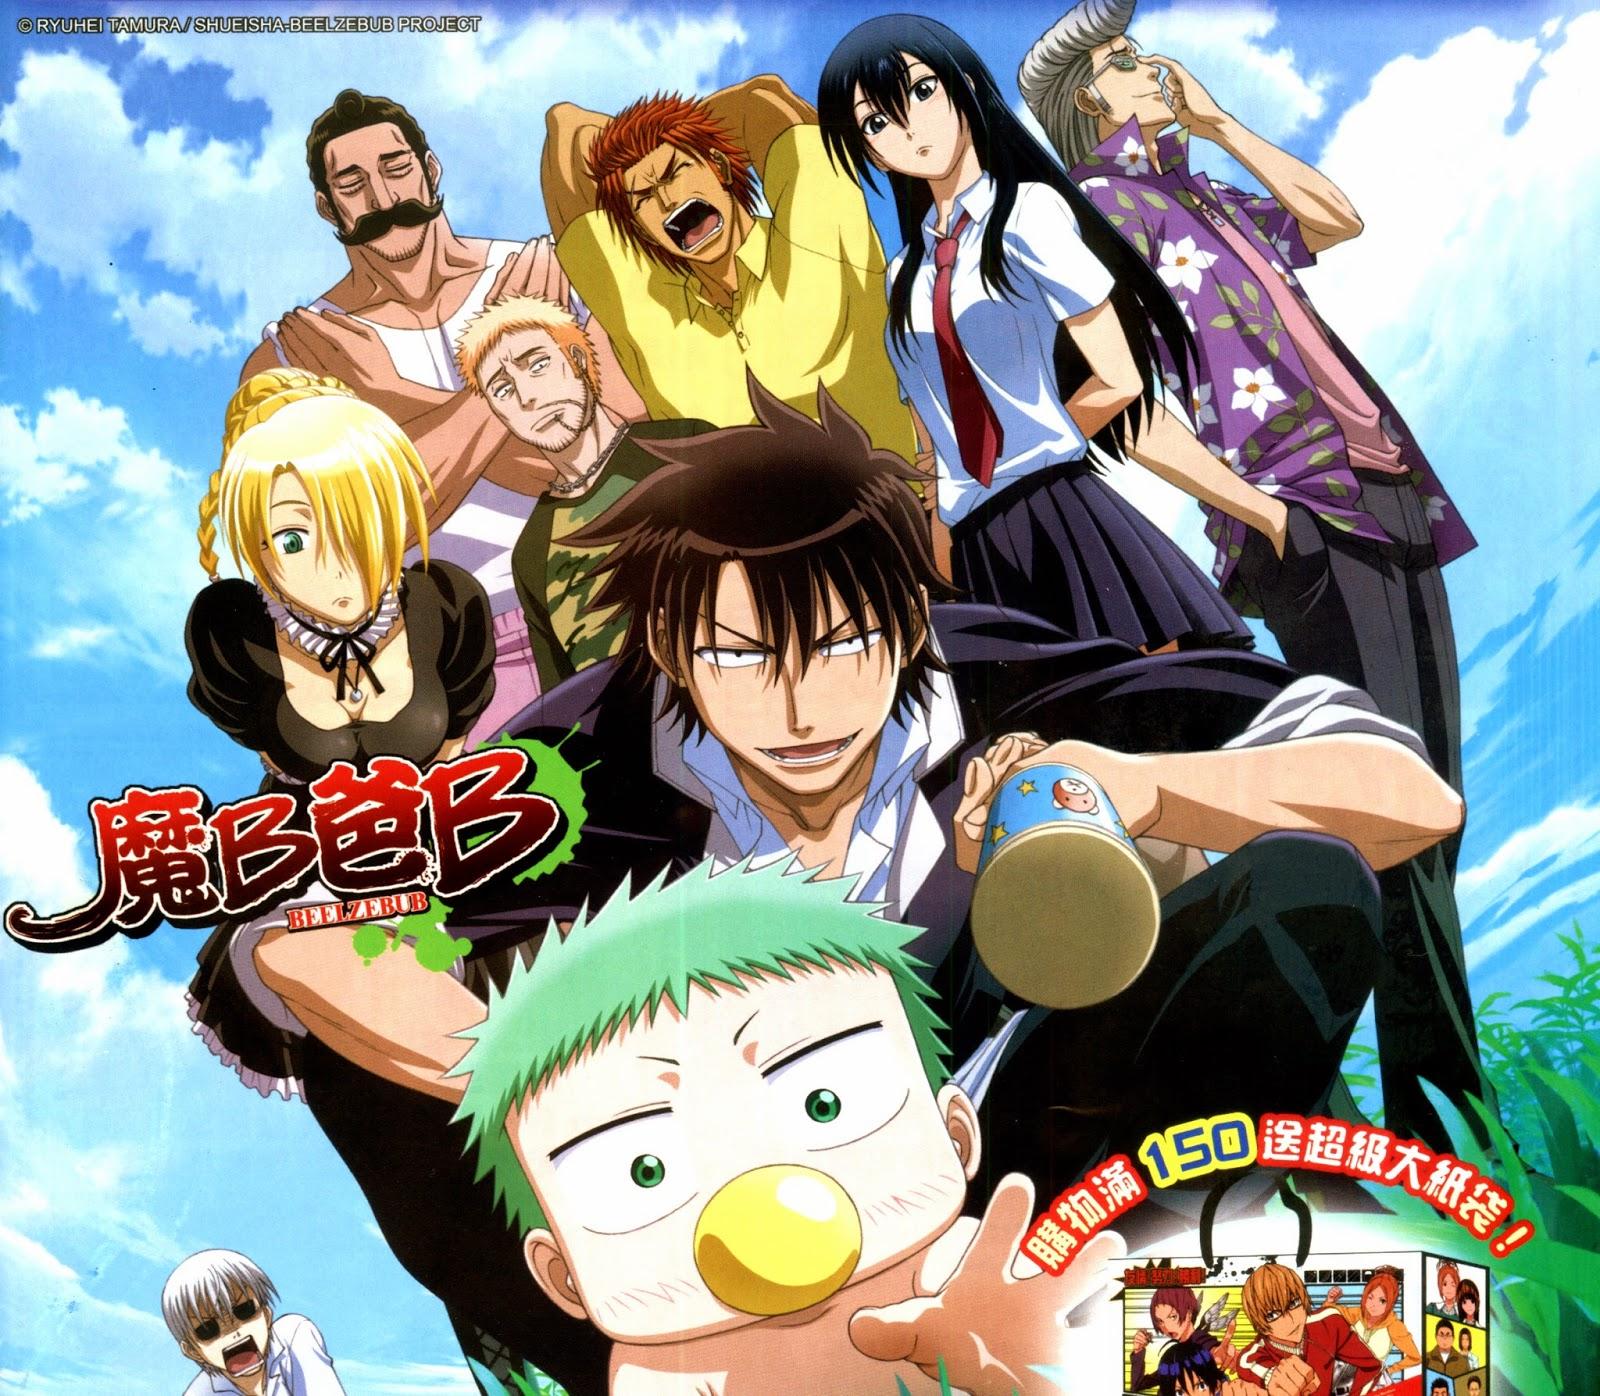 Anime Sub Indo: BEELZEBUB